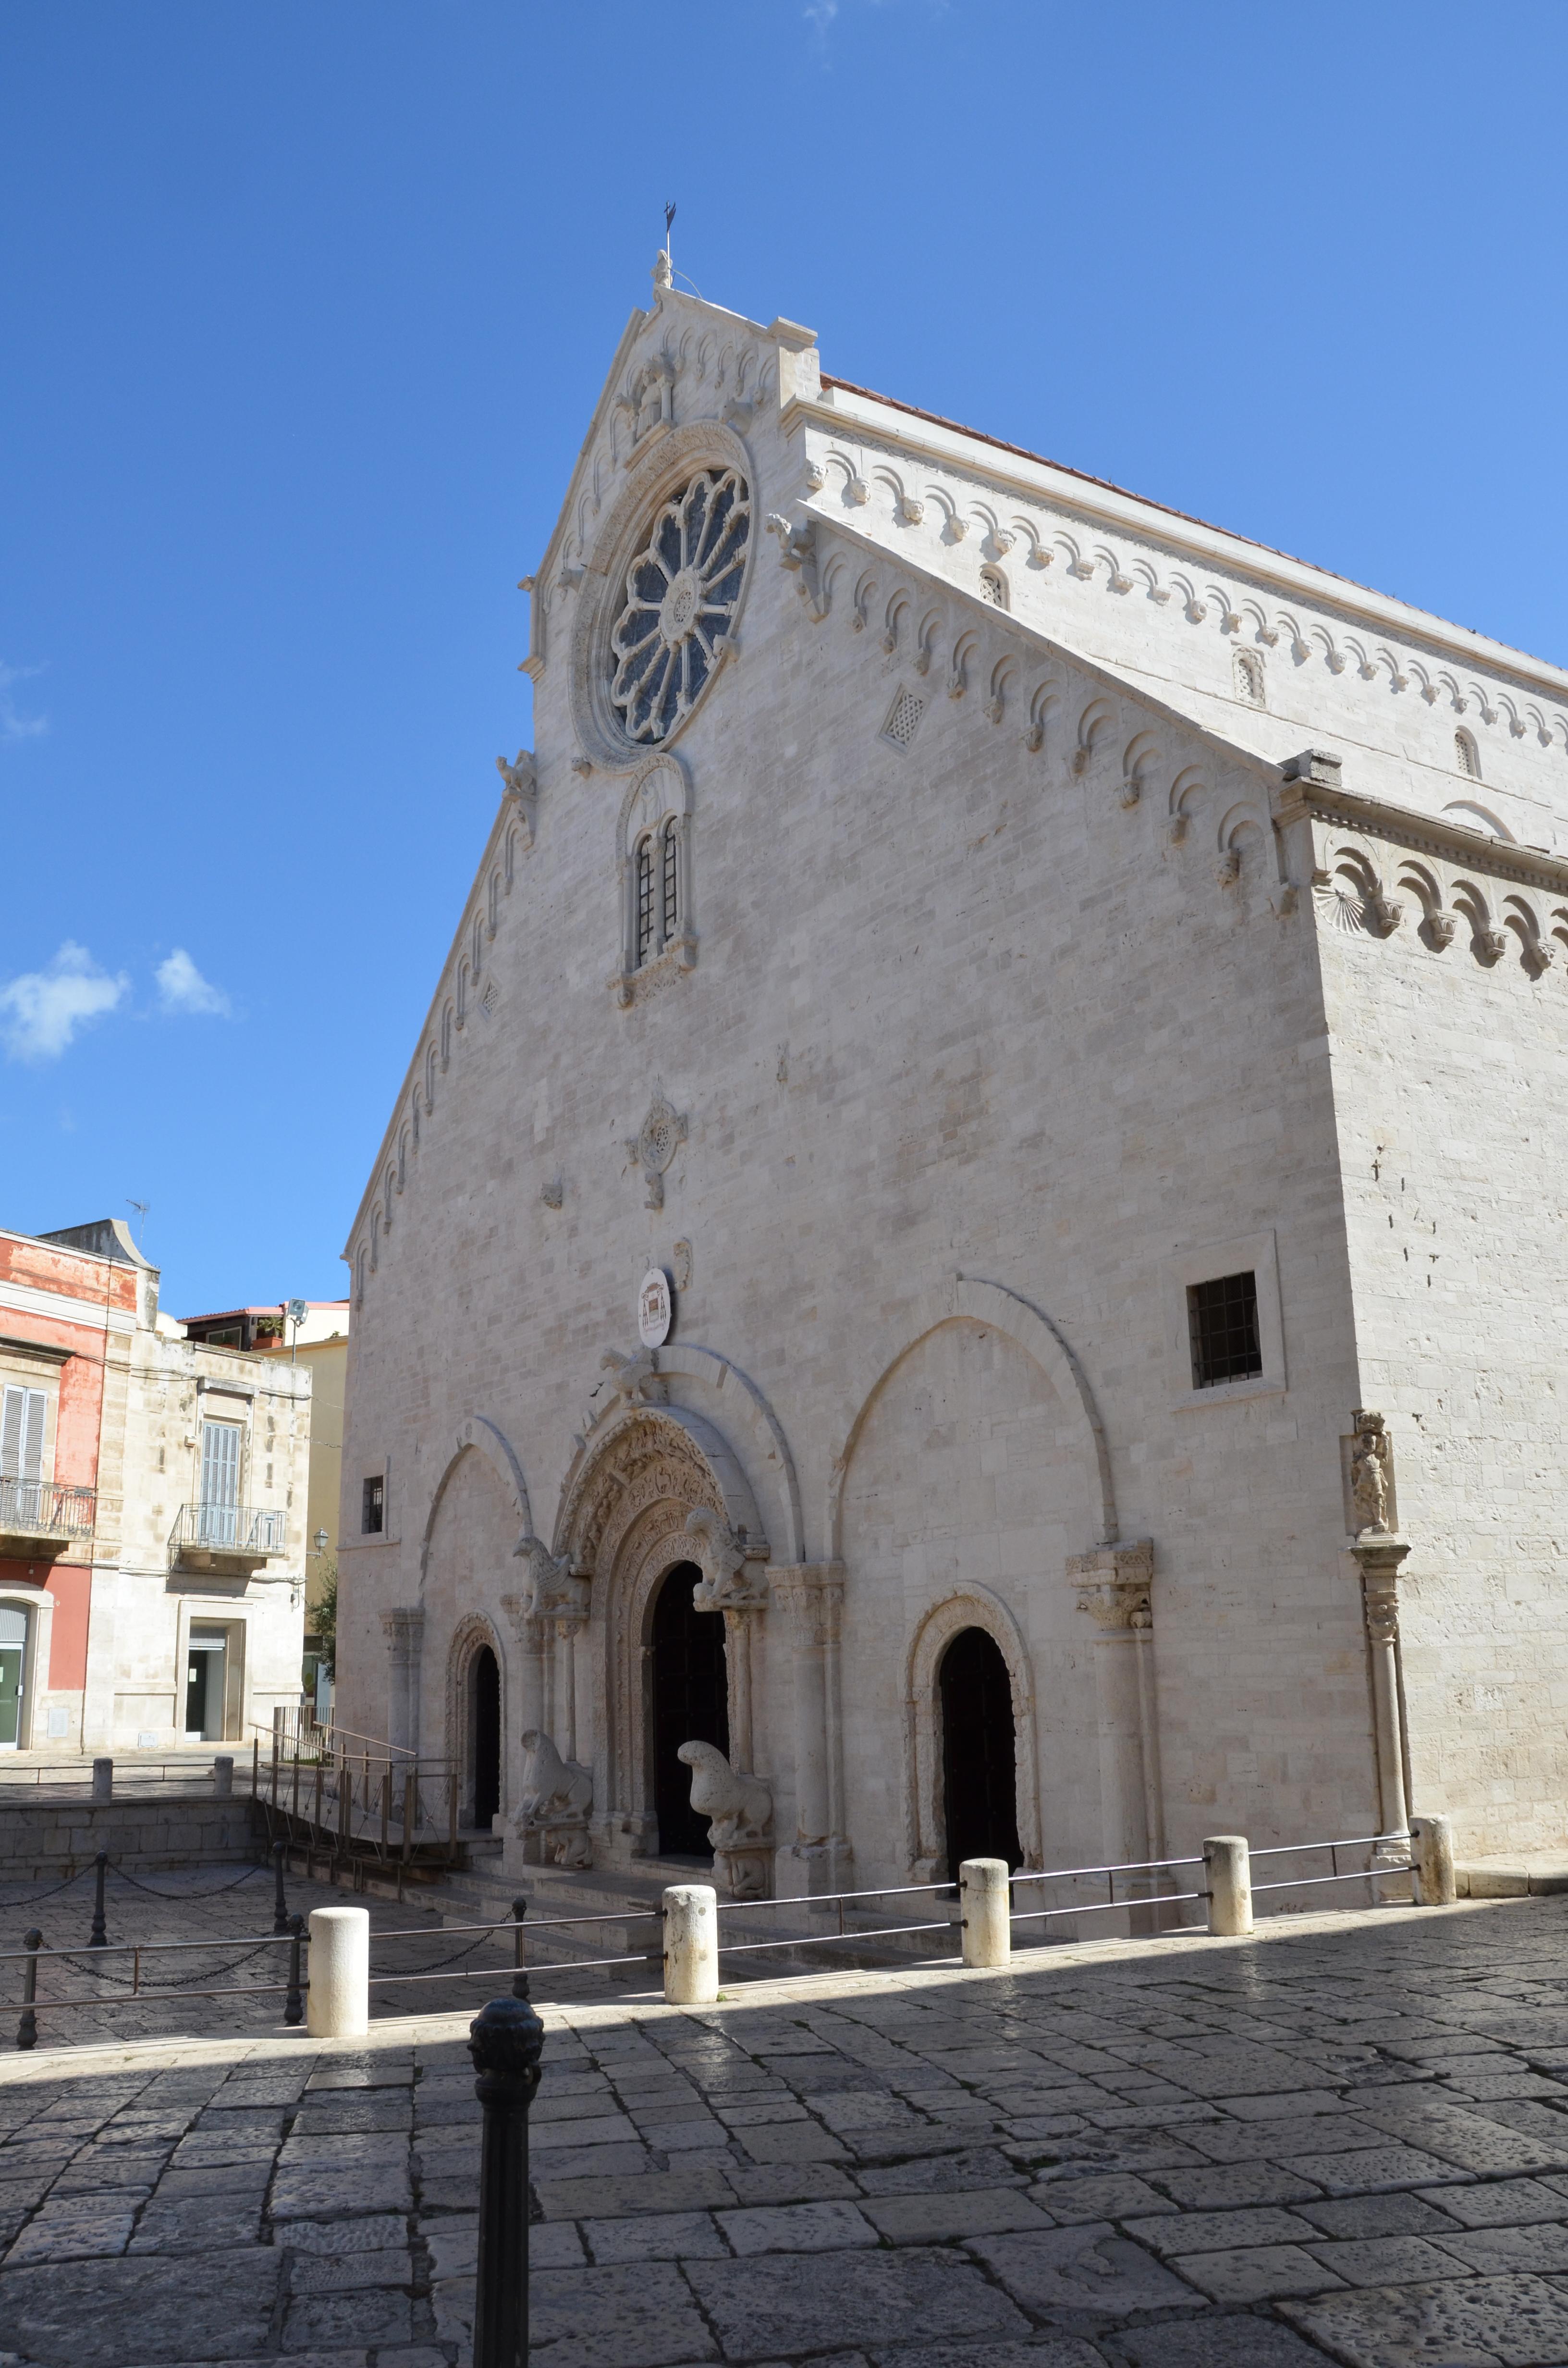 Cattedrale, Ruvo di Puglia, Puglia, Italy.